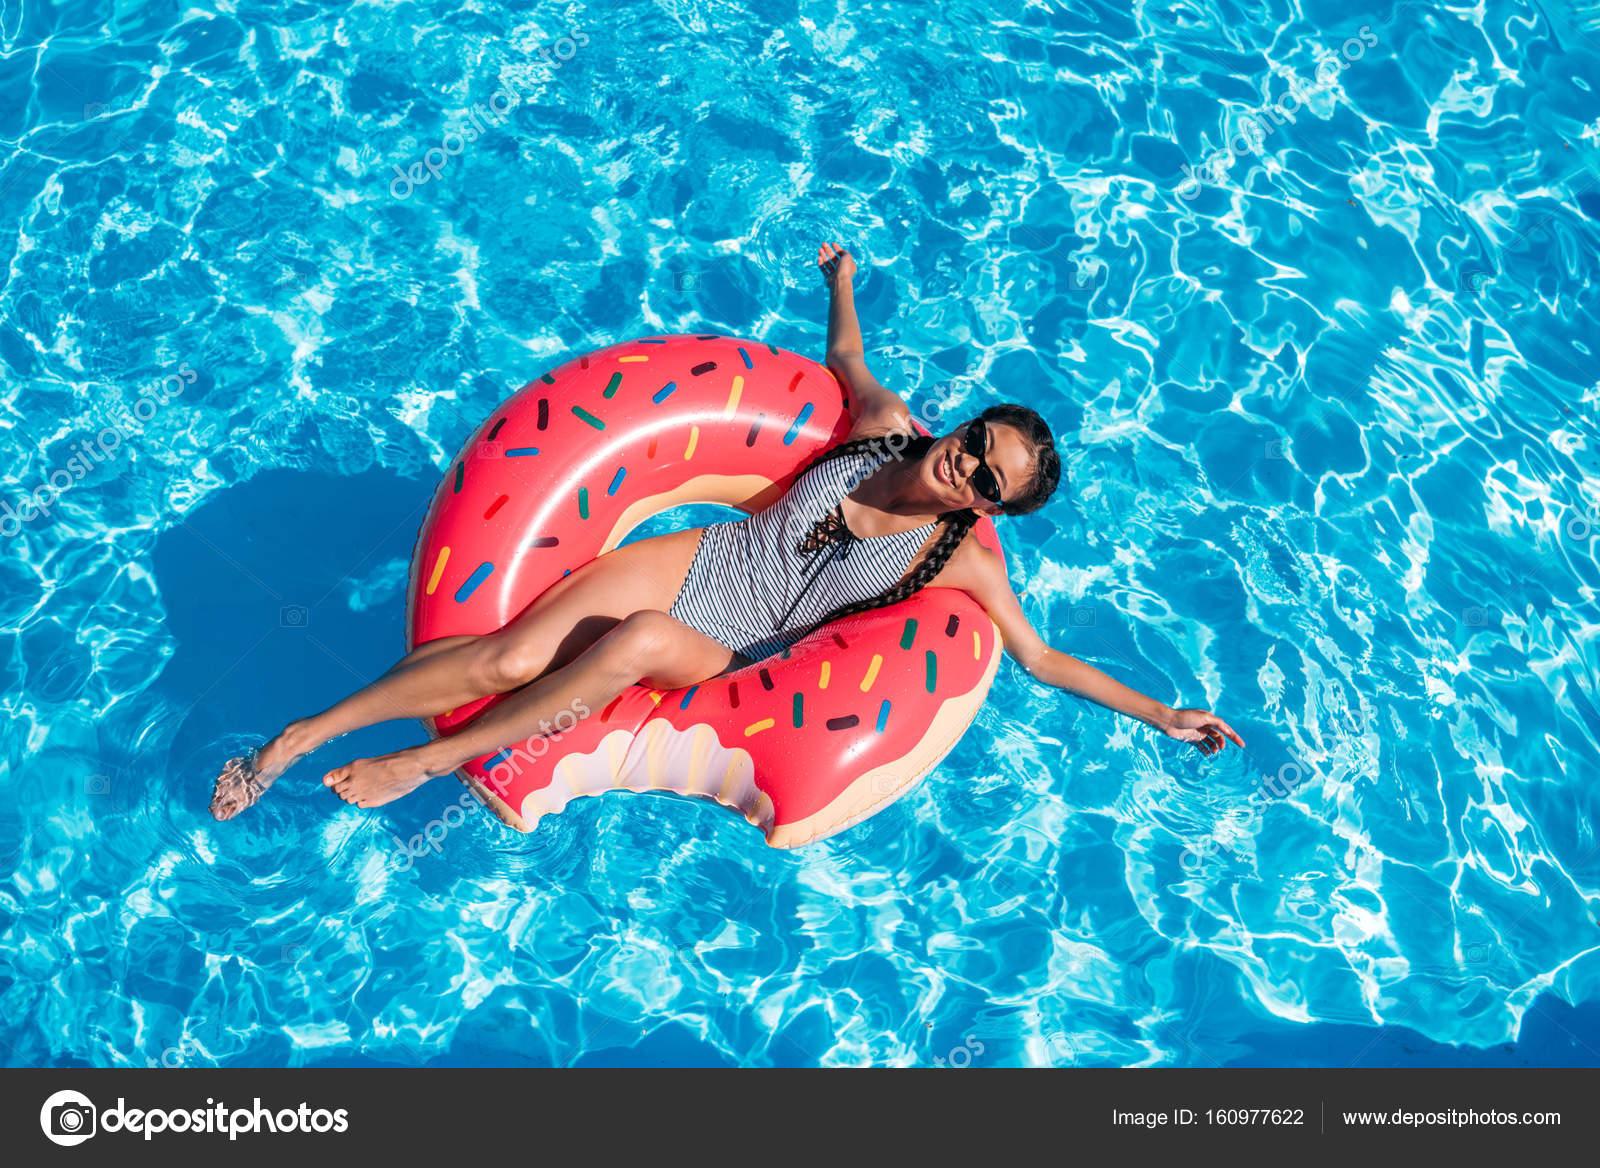 Aziatische vrouw op opblaasbare donut in zwembad for Zwembad aanschaffen